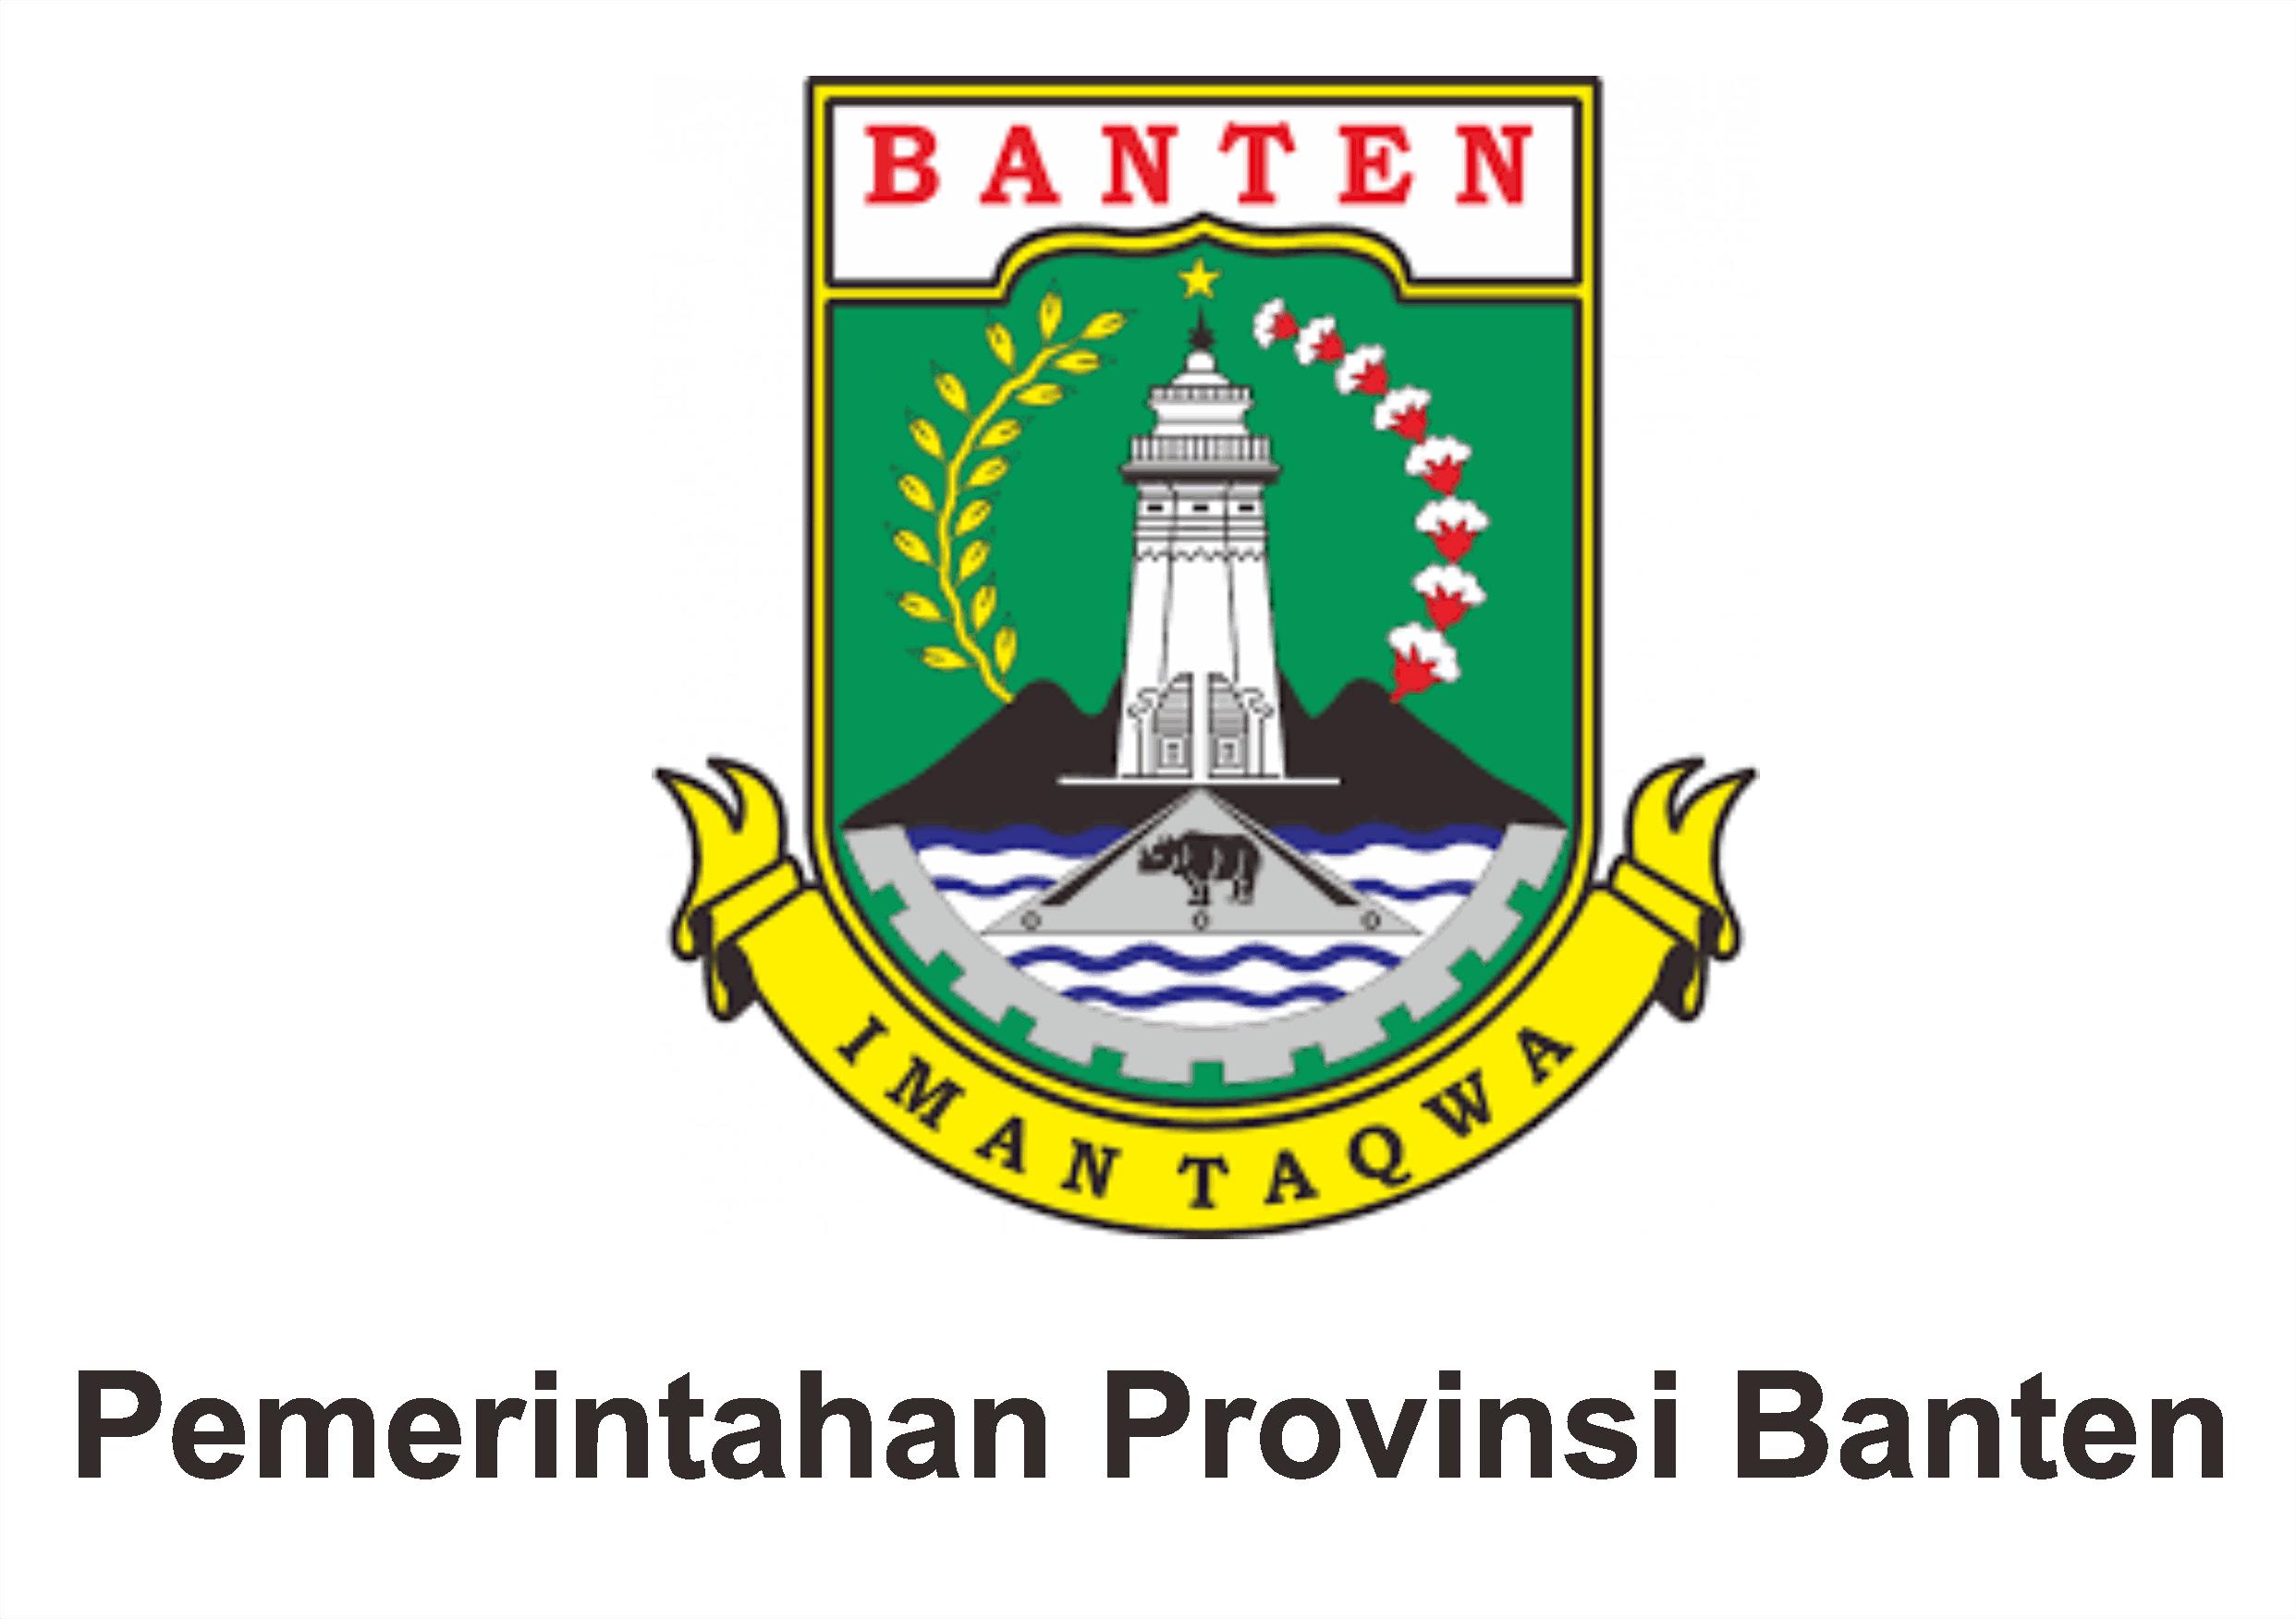 Pemerintahan Provinsi Banten